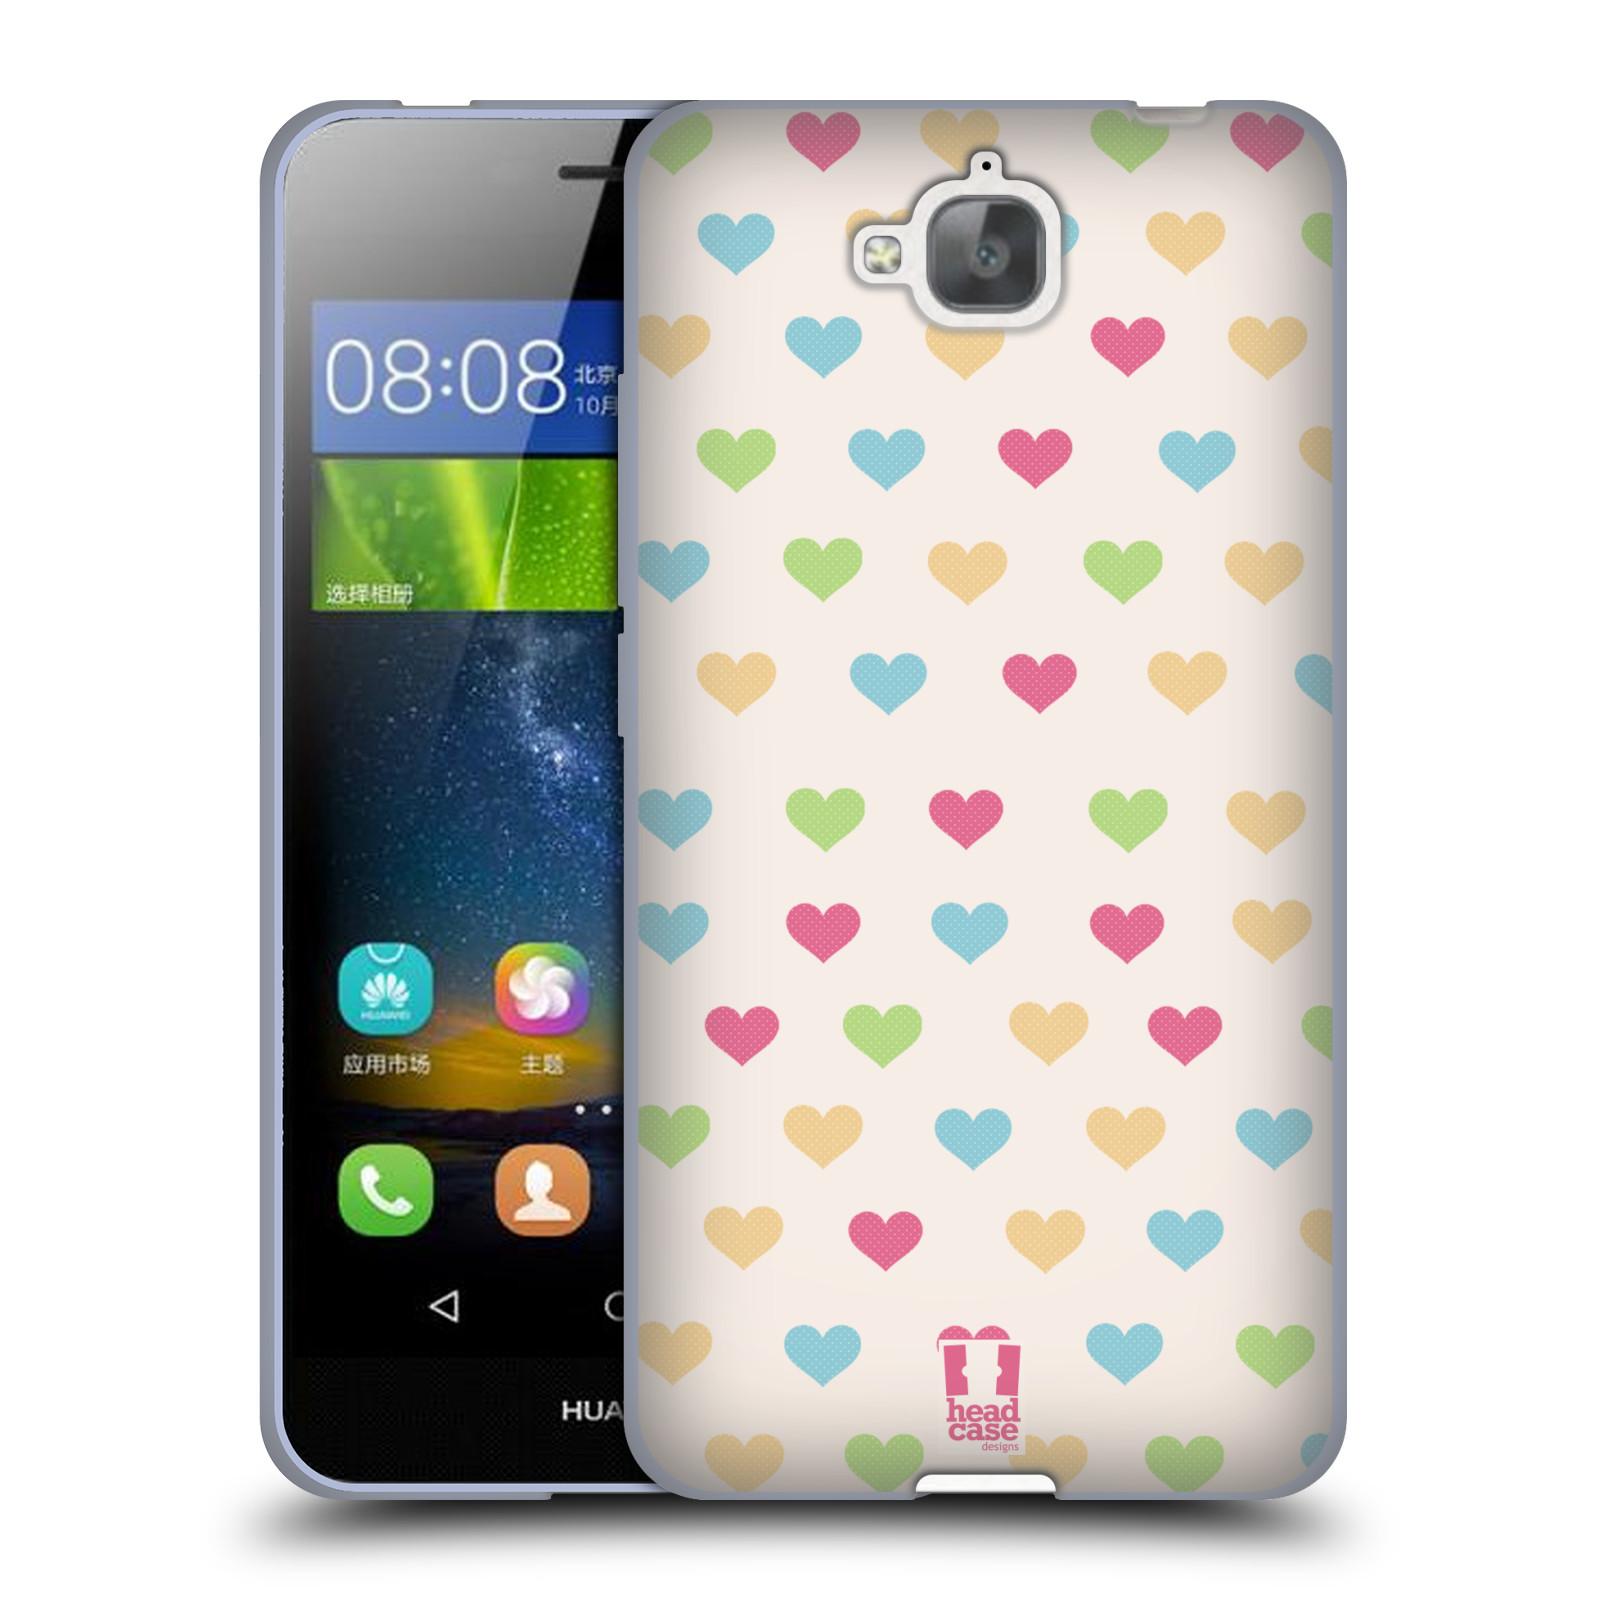 835327aef Silikonové pouzdro na mobil Huawei Y6 Pro Dual Sim HEAD CASE SRDÍČKA BAREVNÁ